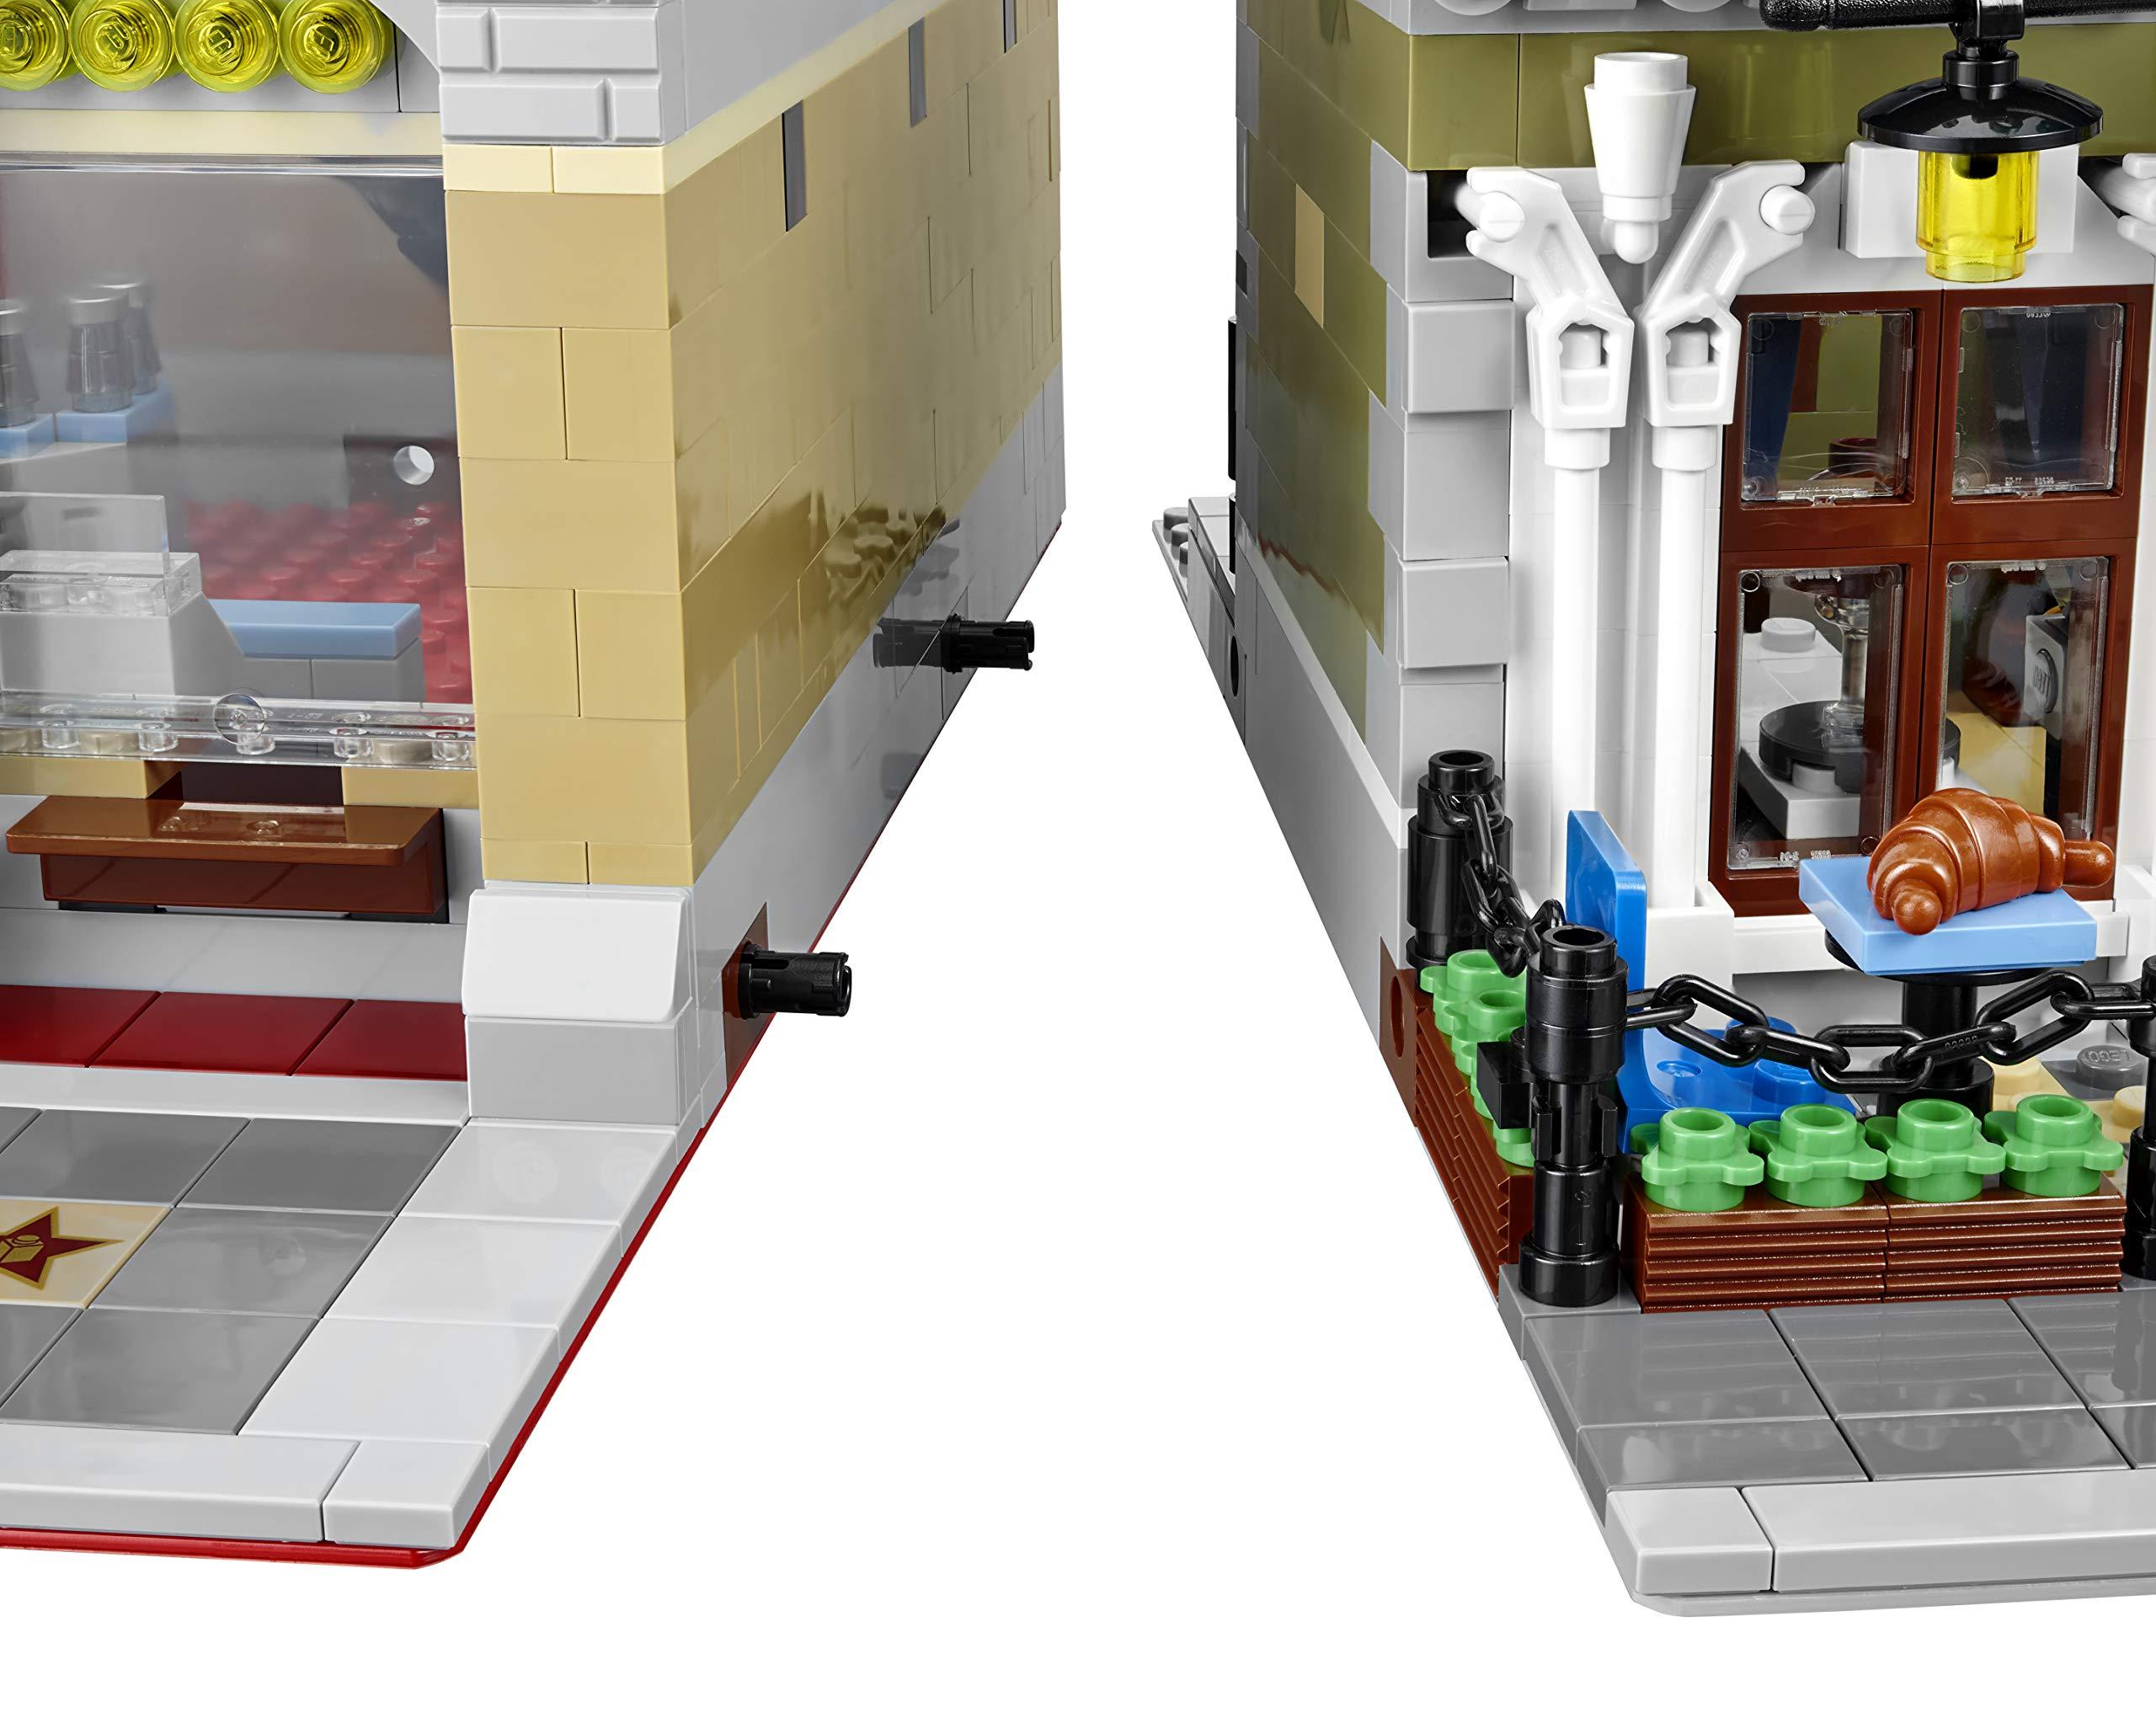 Lego-Creator-Ristorante-Parigino-Creator-Lego-10243-Colore-Multi-Colored